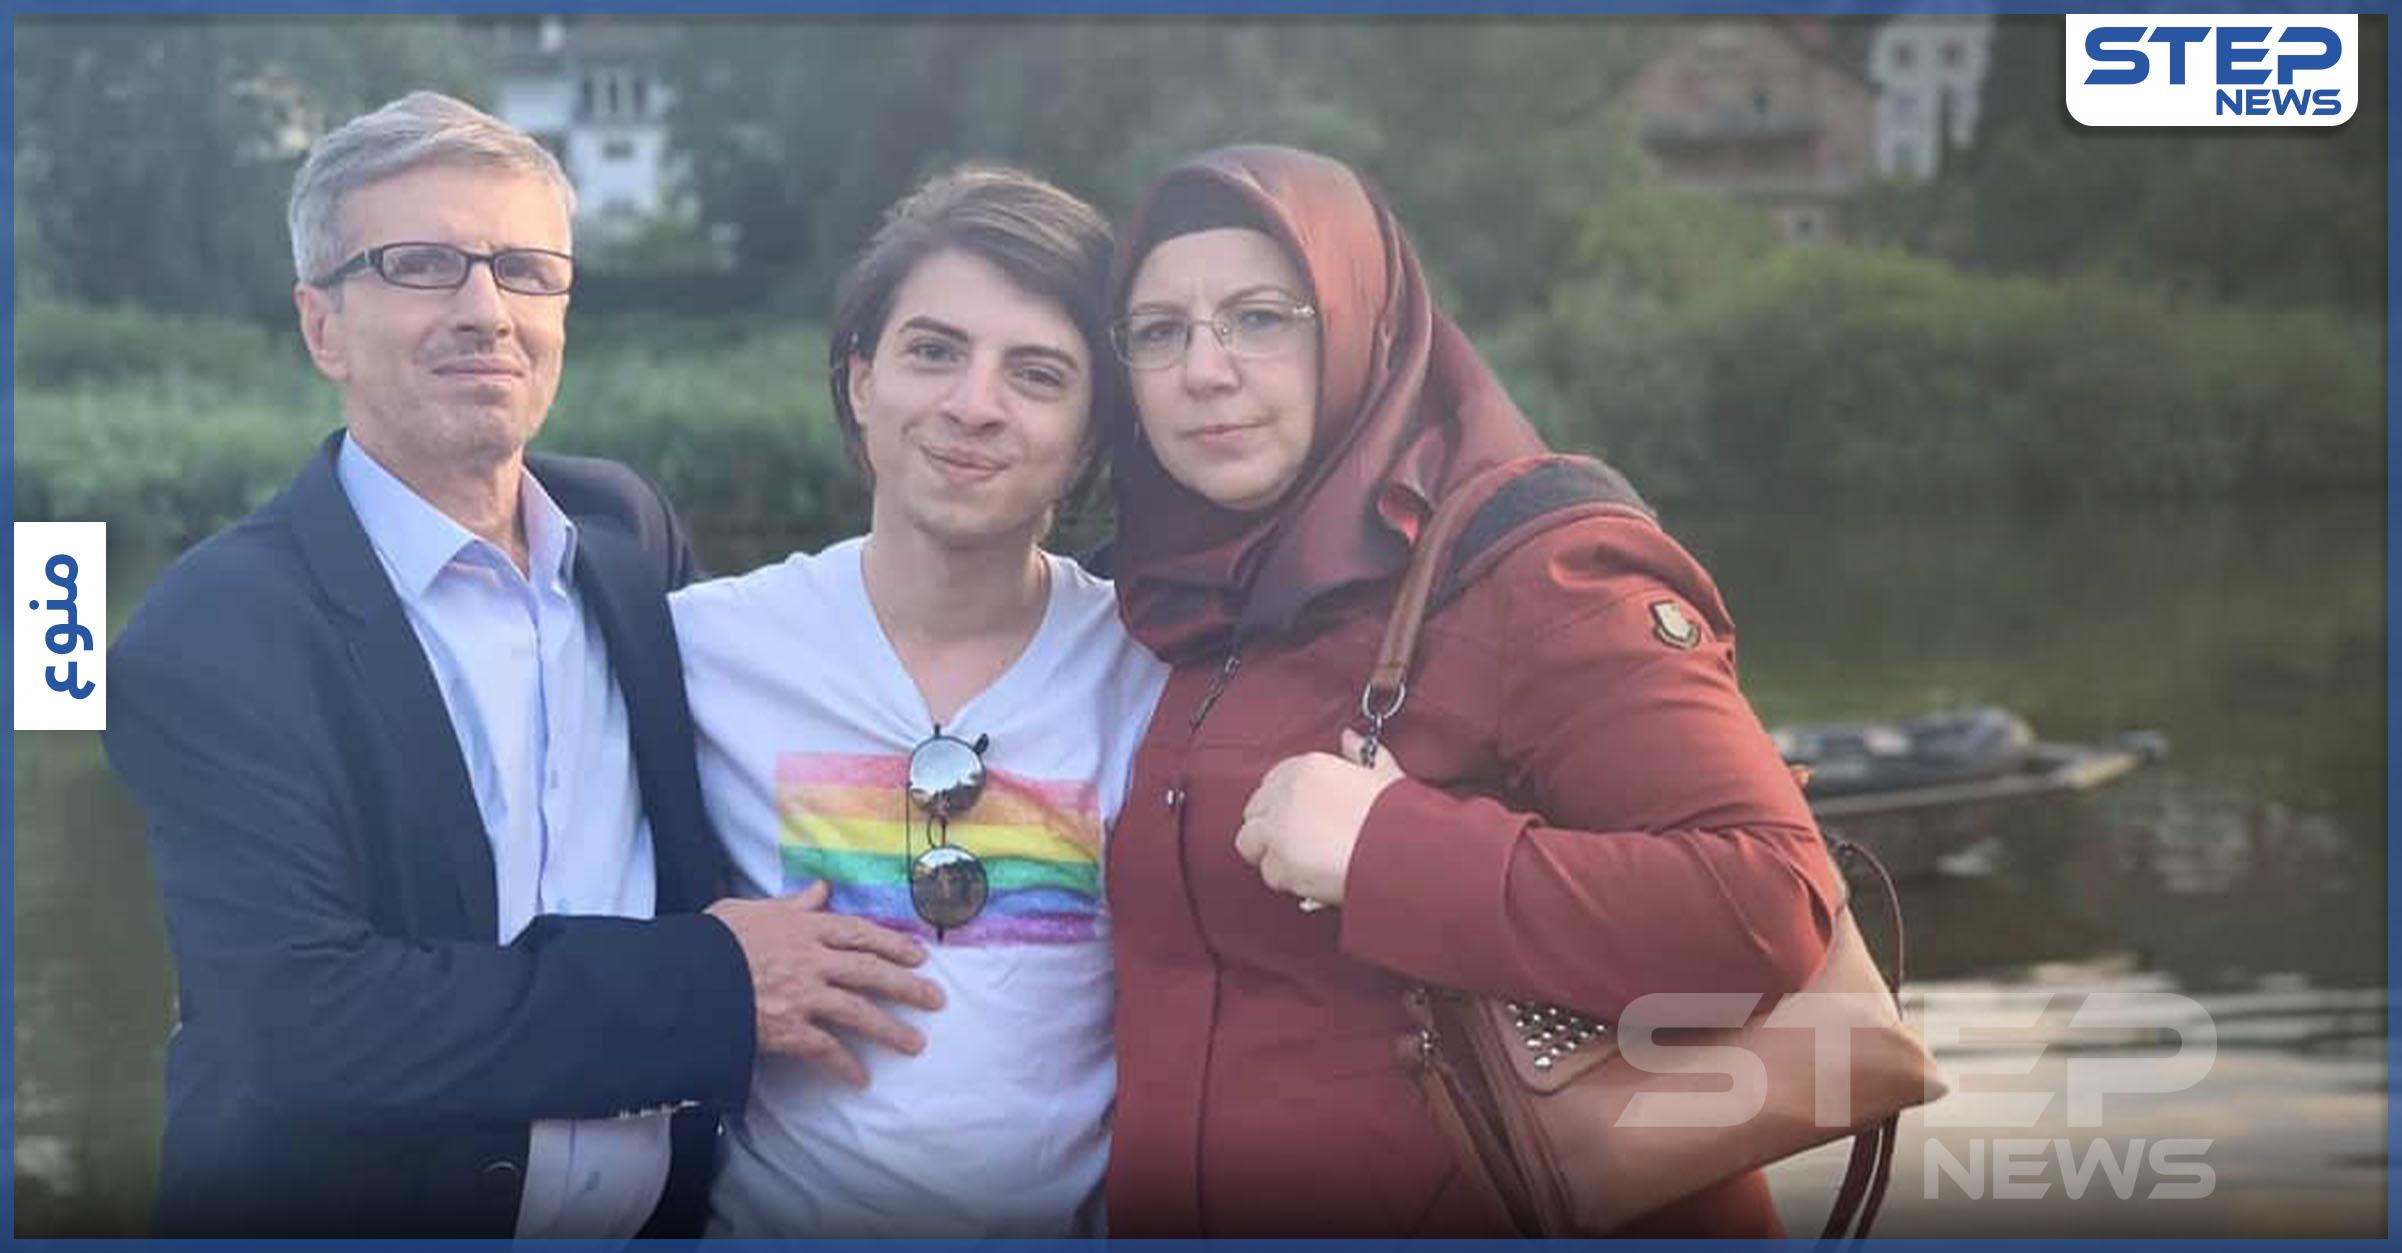 عبد الرحمن عقاد سوري مثلي جنسيًا يعلن انتصاره